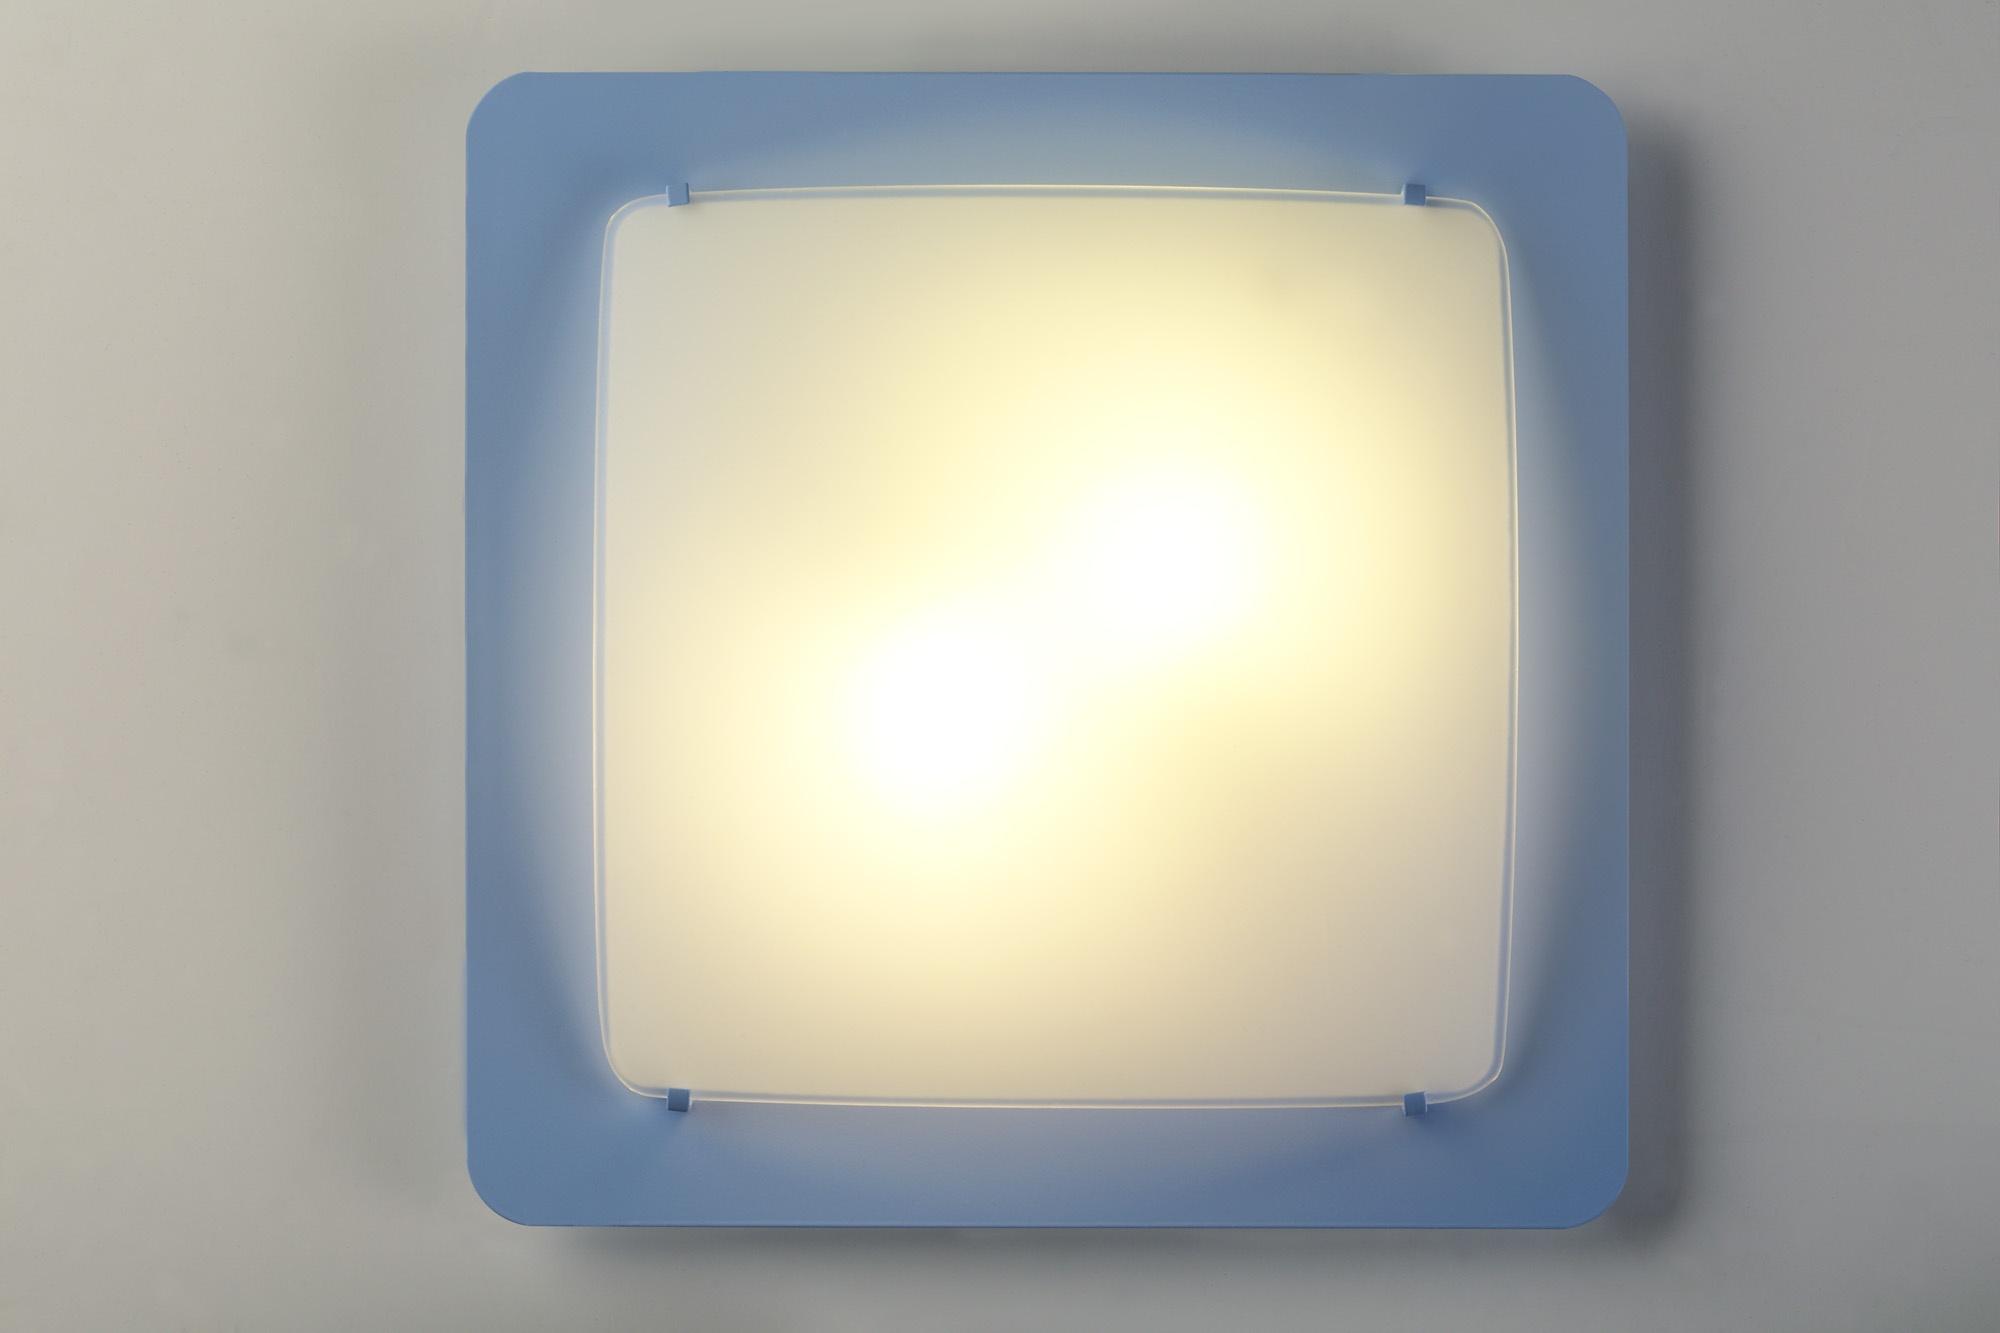 Plafonniere Blue : Dalber ceiling lamp colors square 38 cm blue internet toys